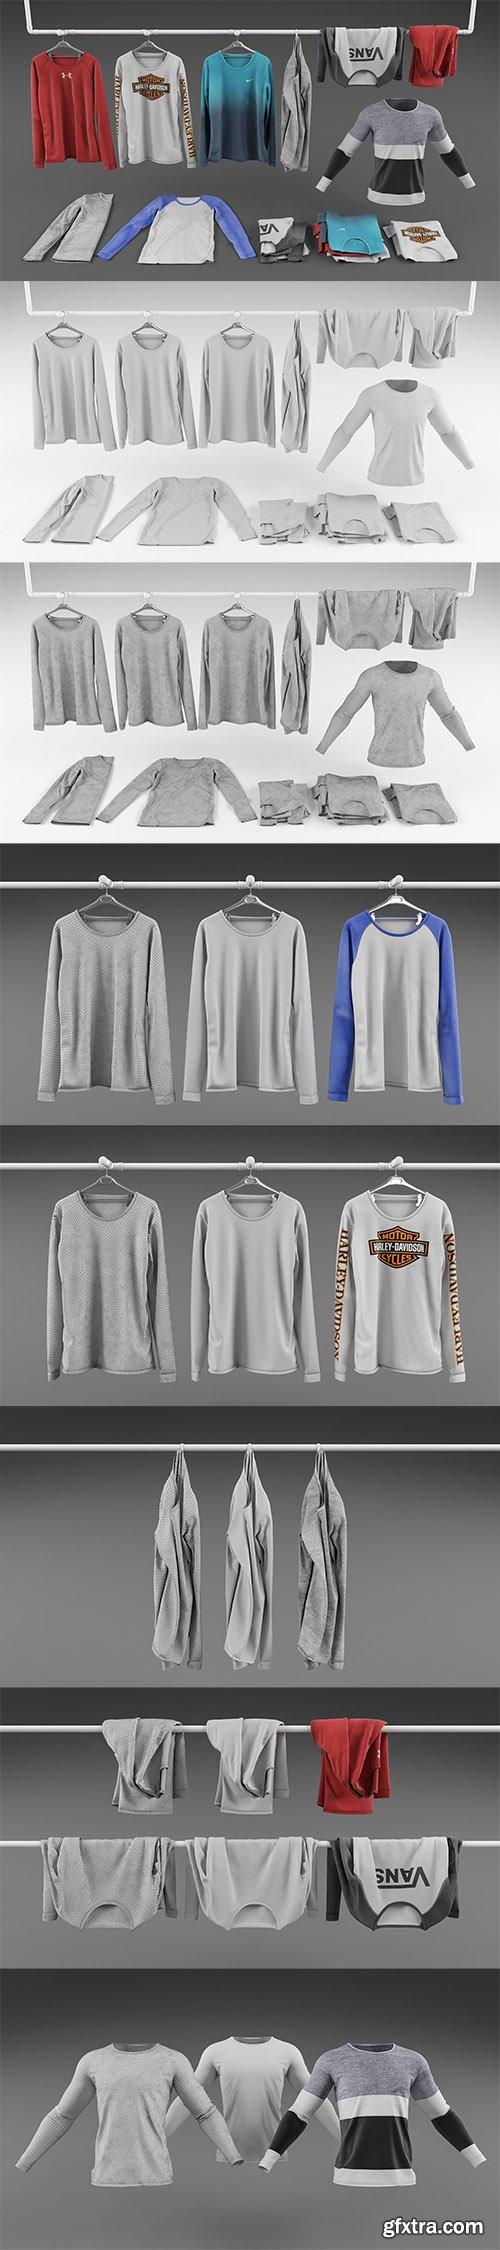 Cgrader - Long sleeve shirt collection